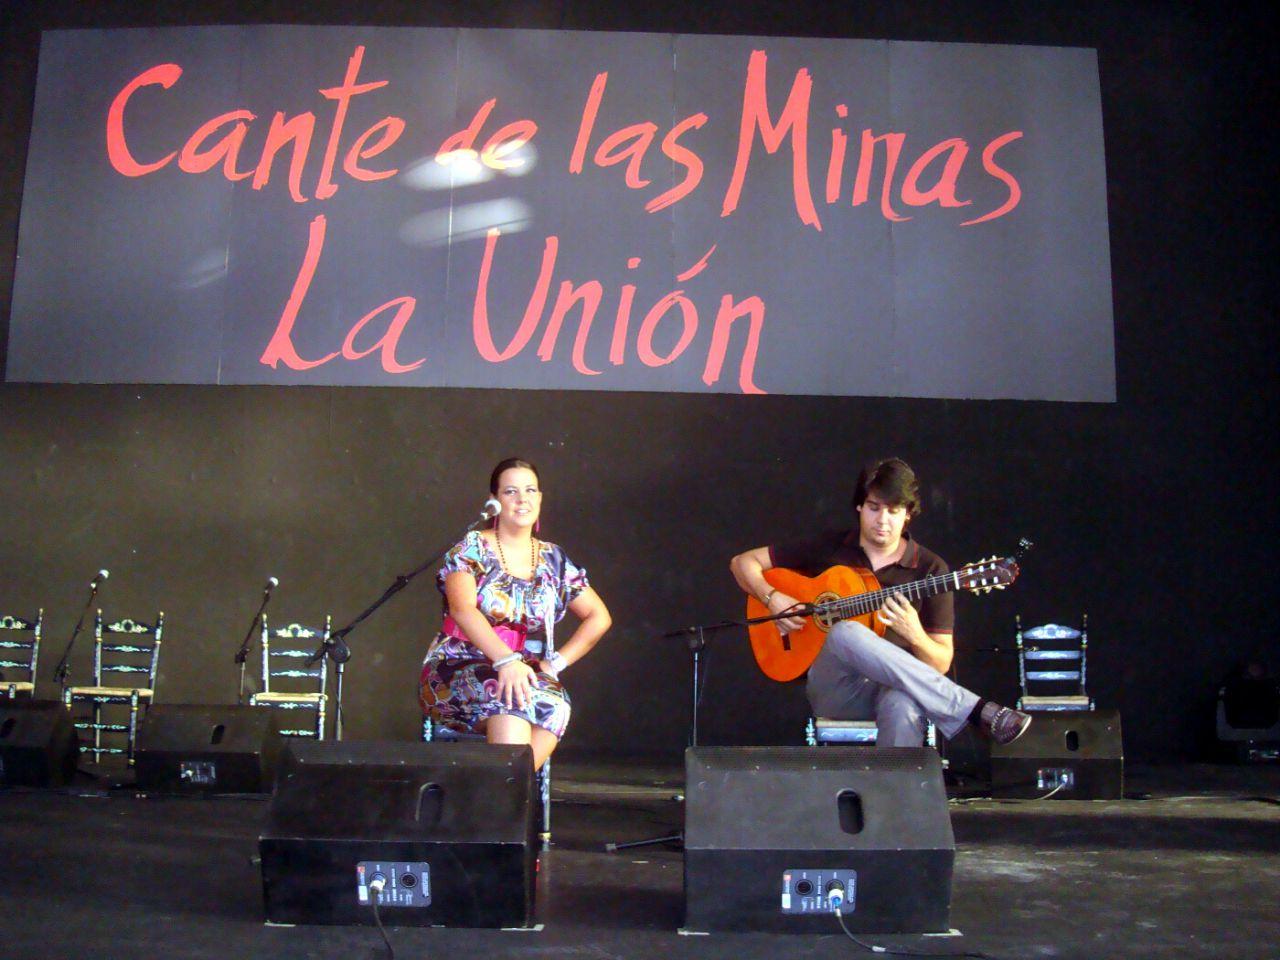 Festival del Cante de las Minas de La Unión